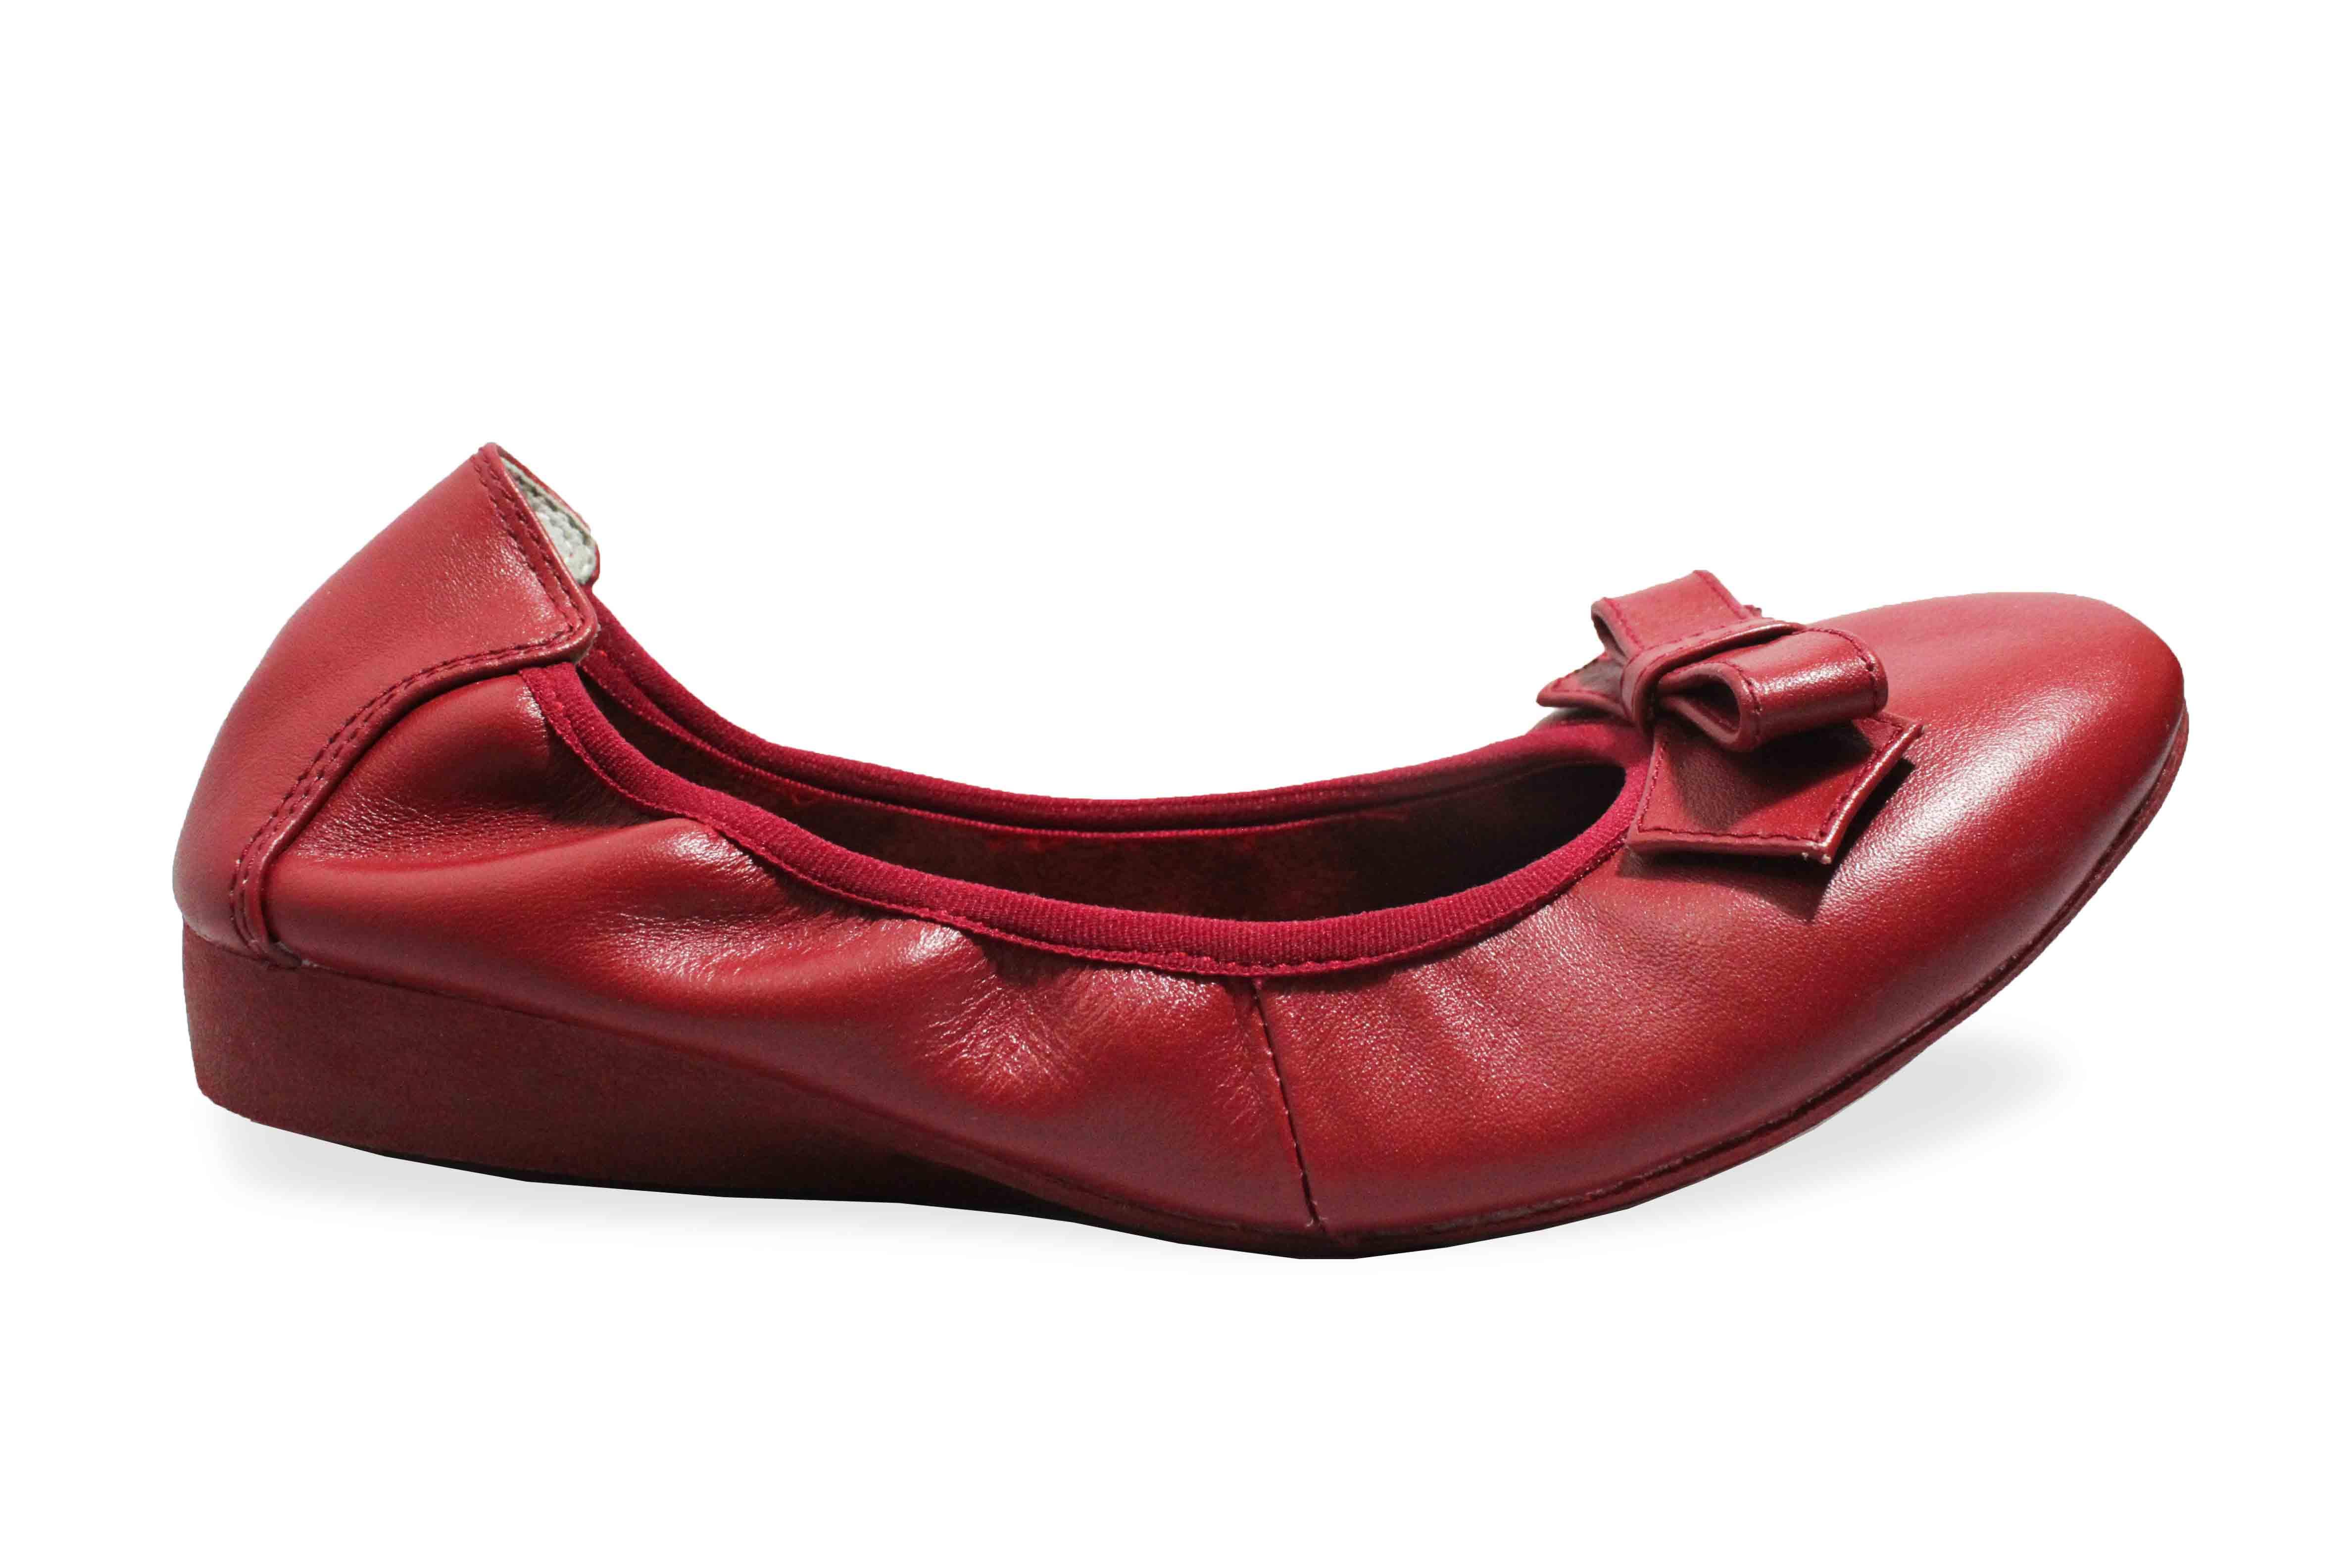 giày bệt chun đẹp